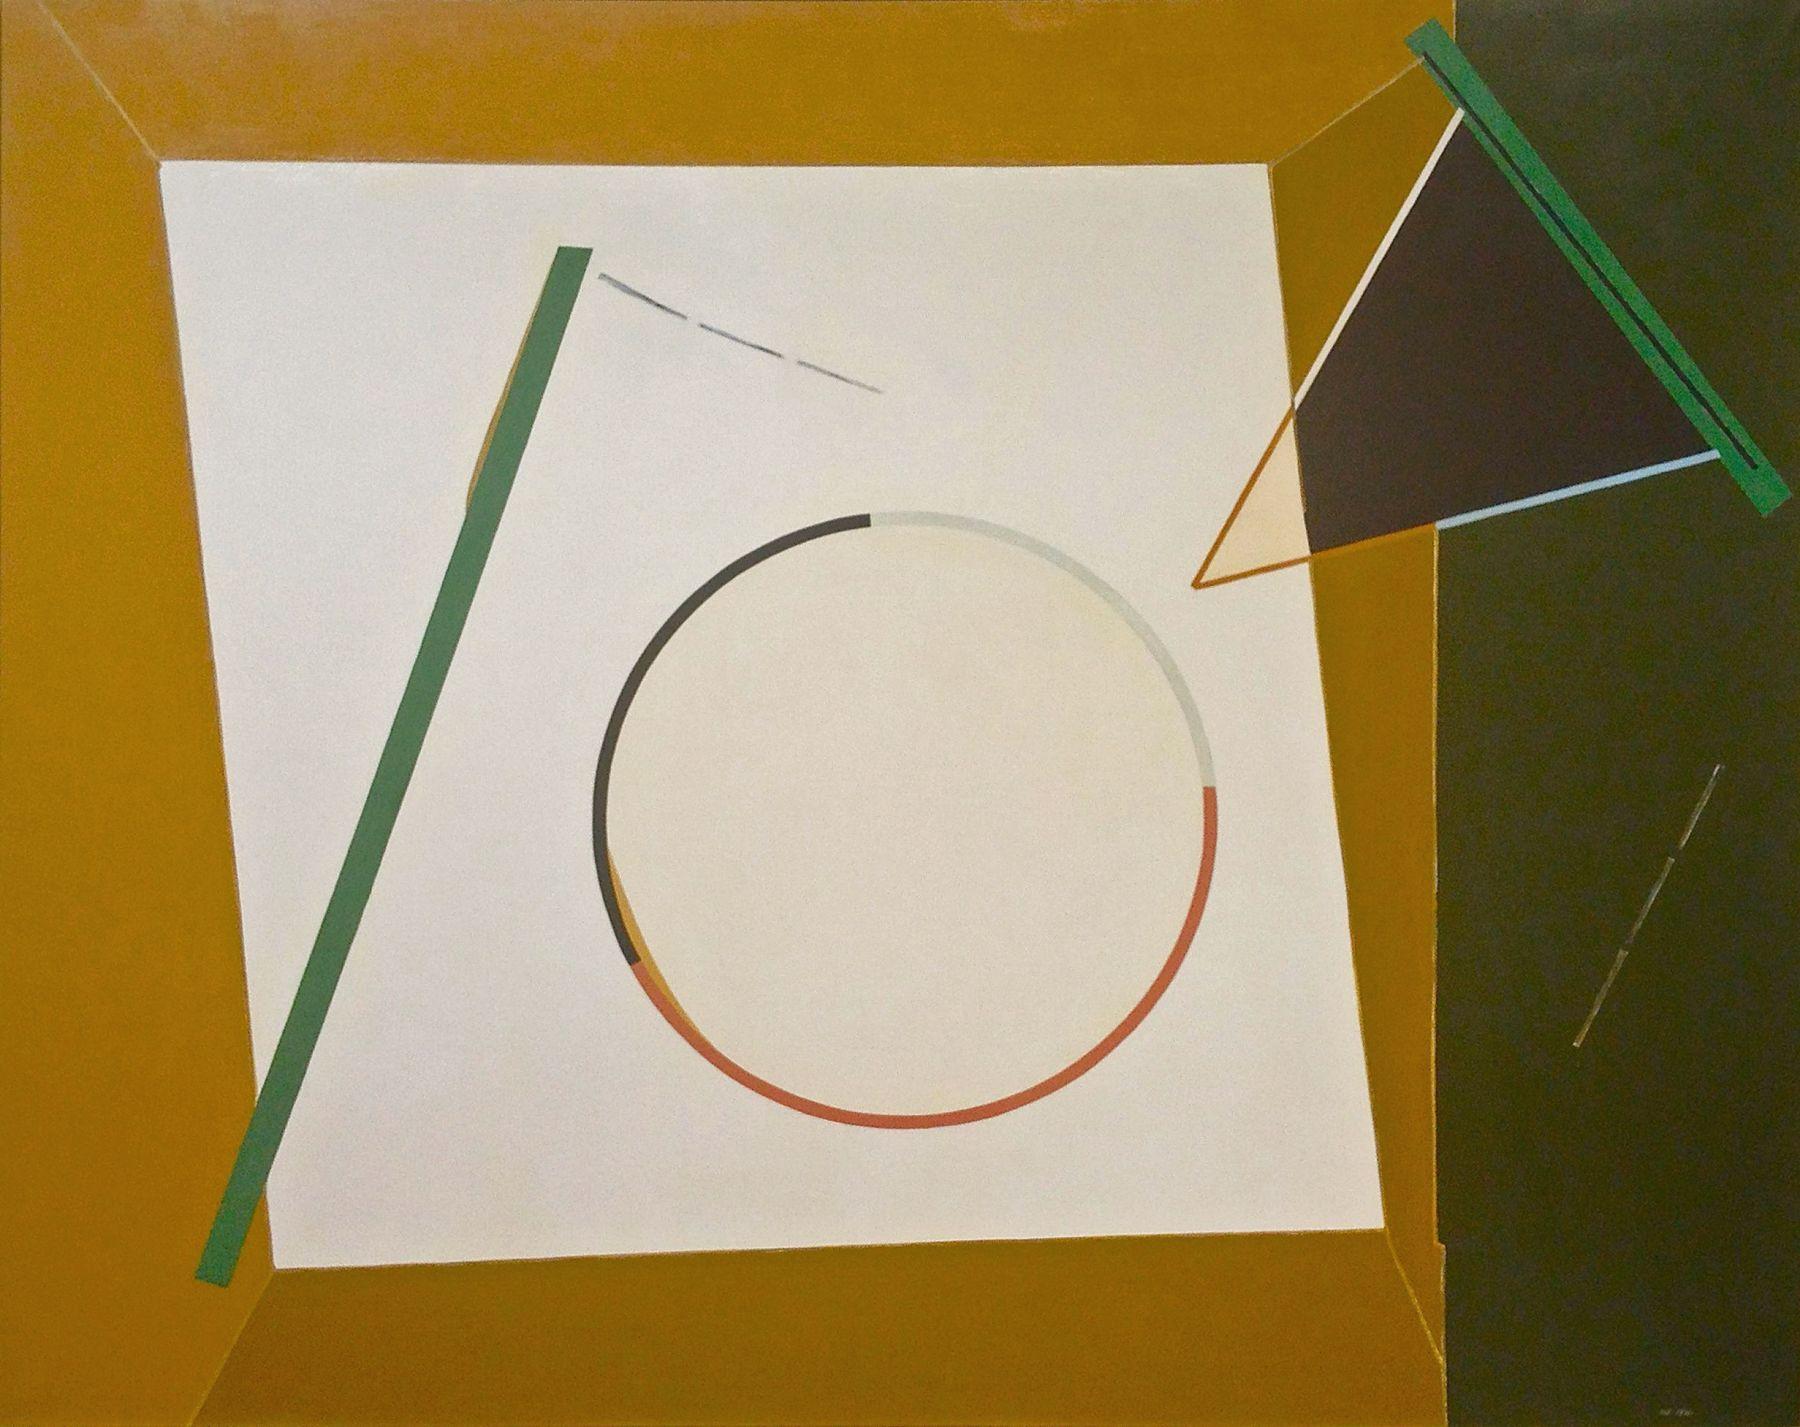 Eduard Steinberg, Untitled, 1991